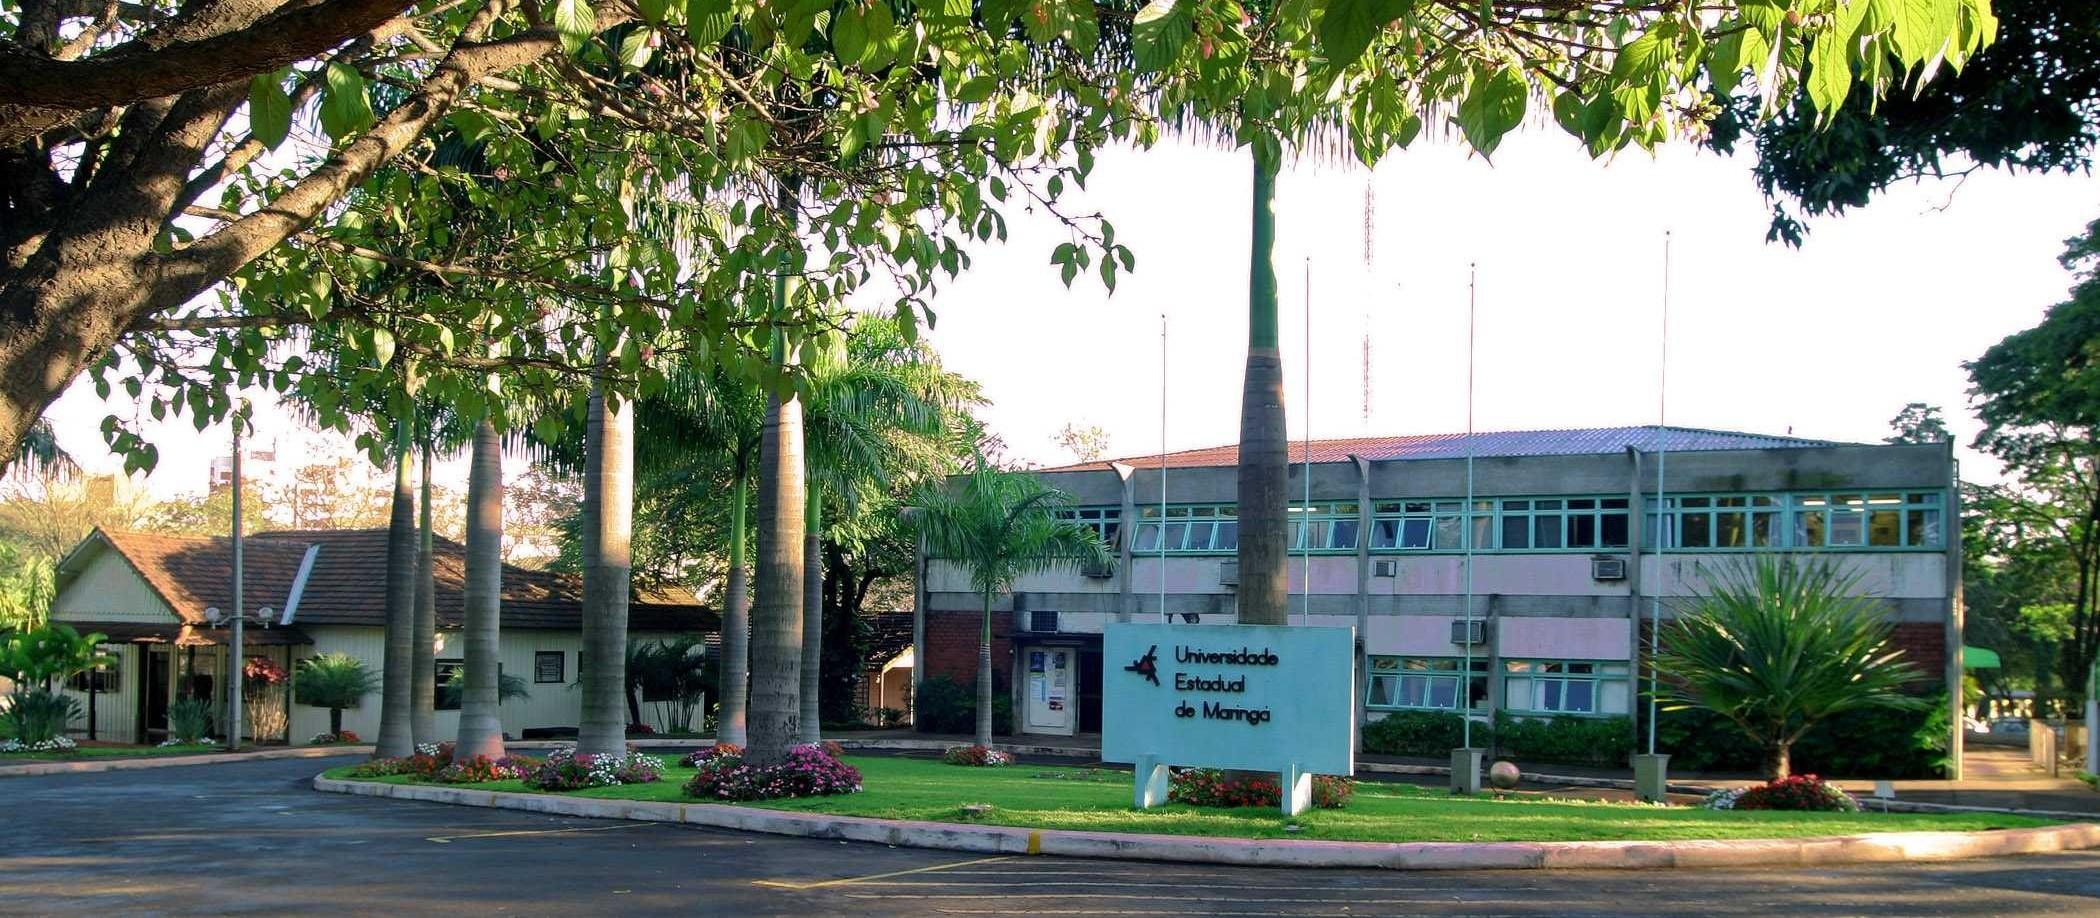 UEM paralisa as atividades e campus está sendo monitorado